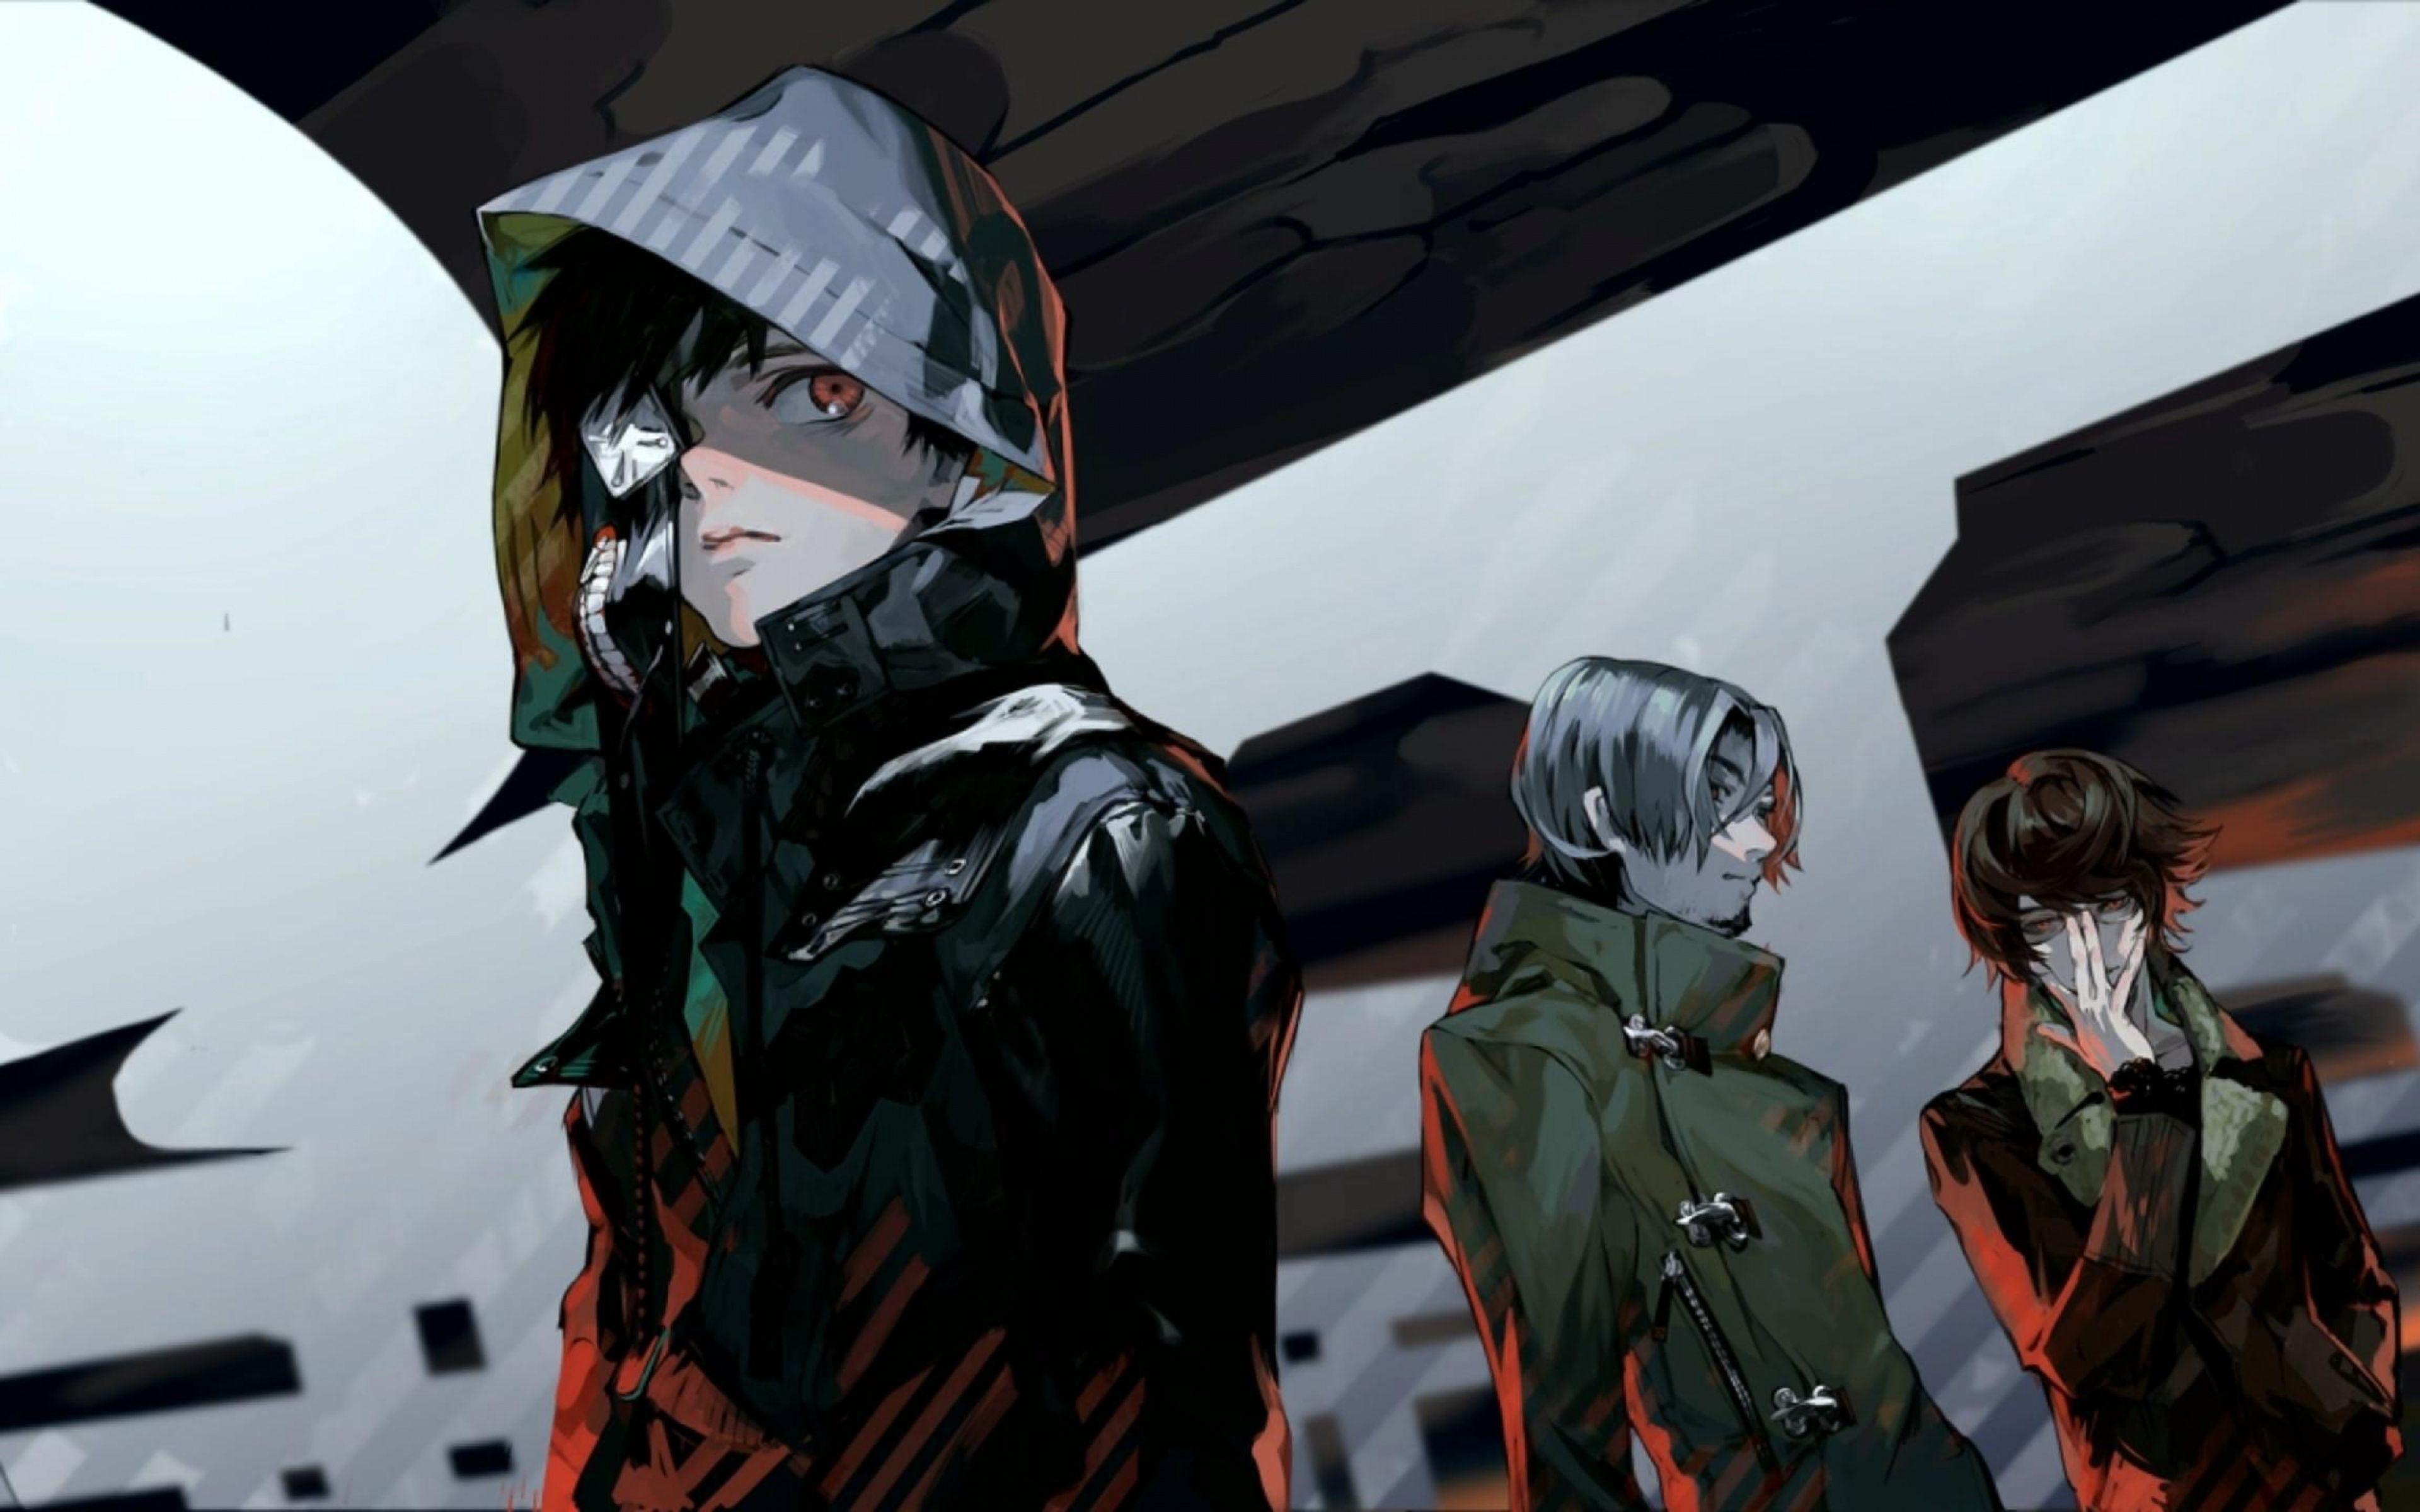 Download Wallpaper 3840x2400 Tokyo ghoul, Kaneki ken, Guys